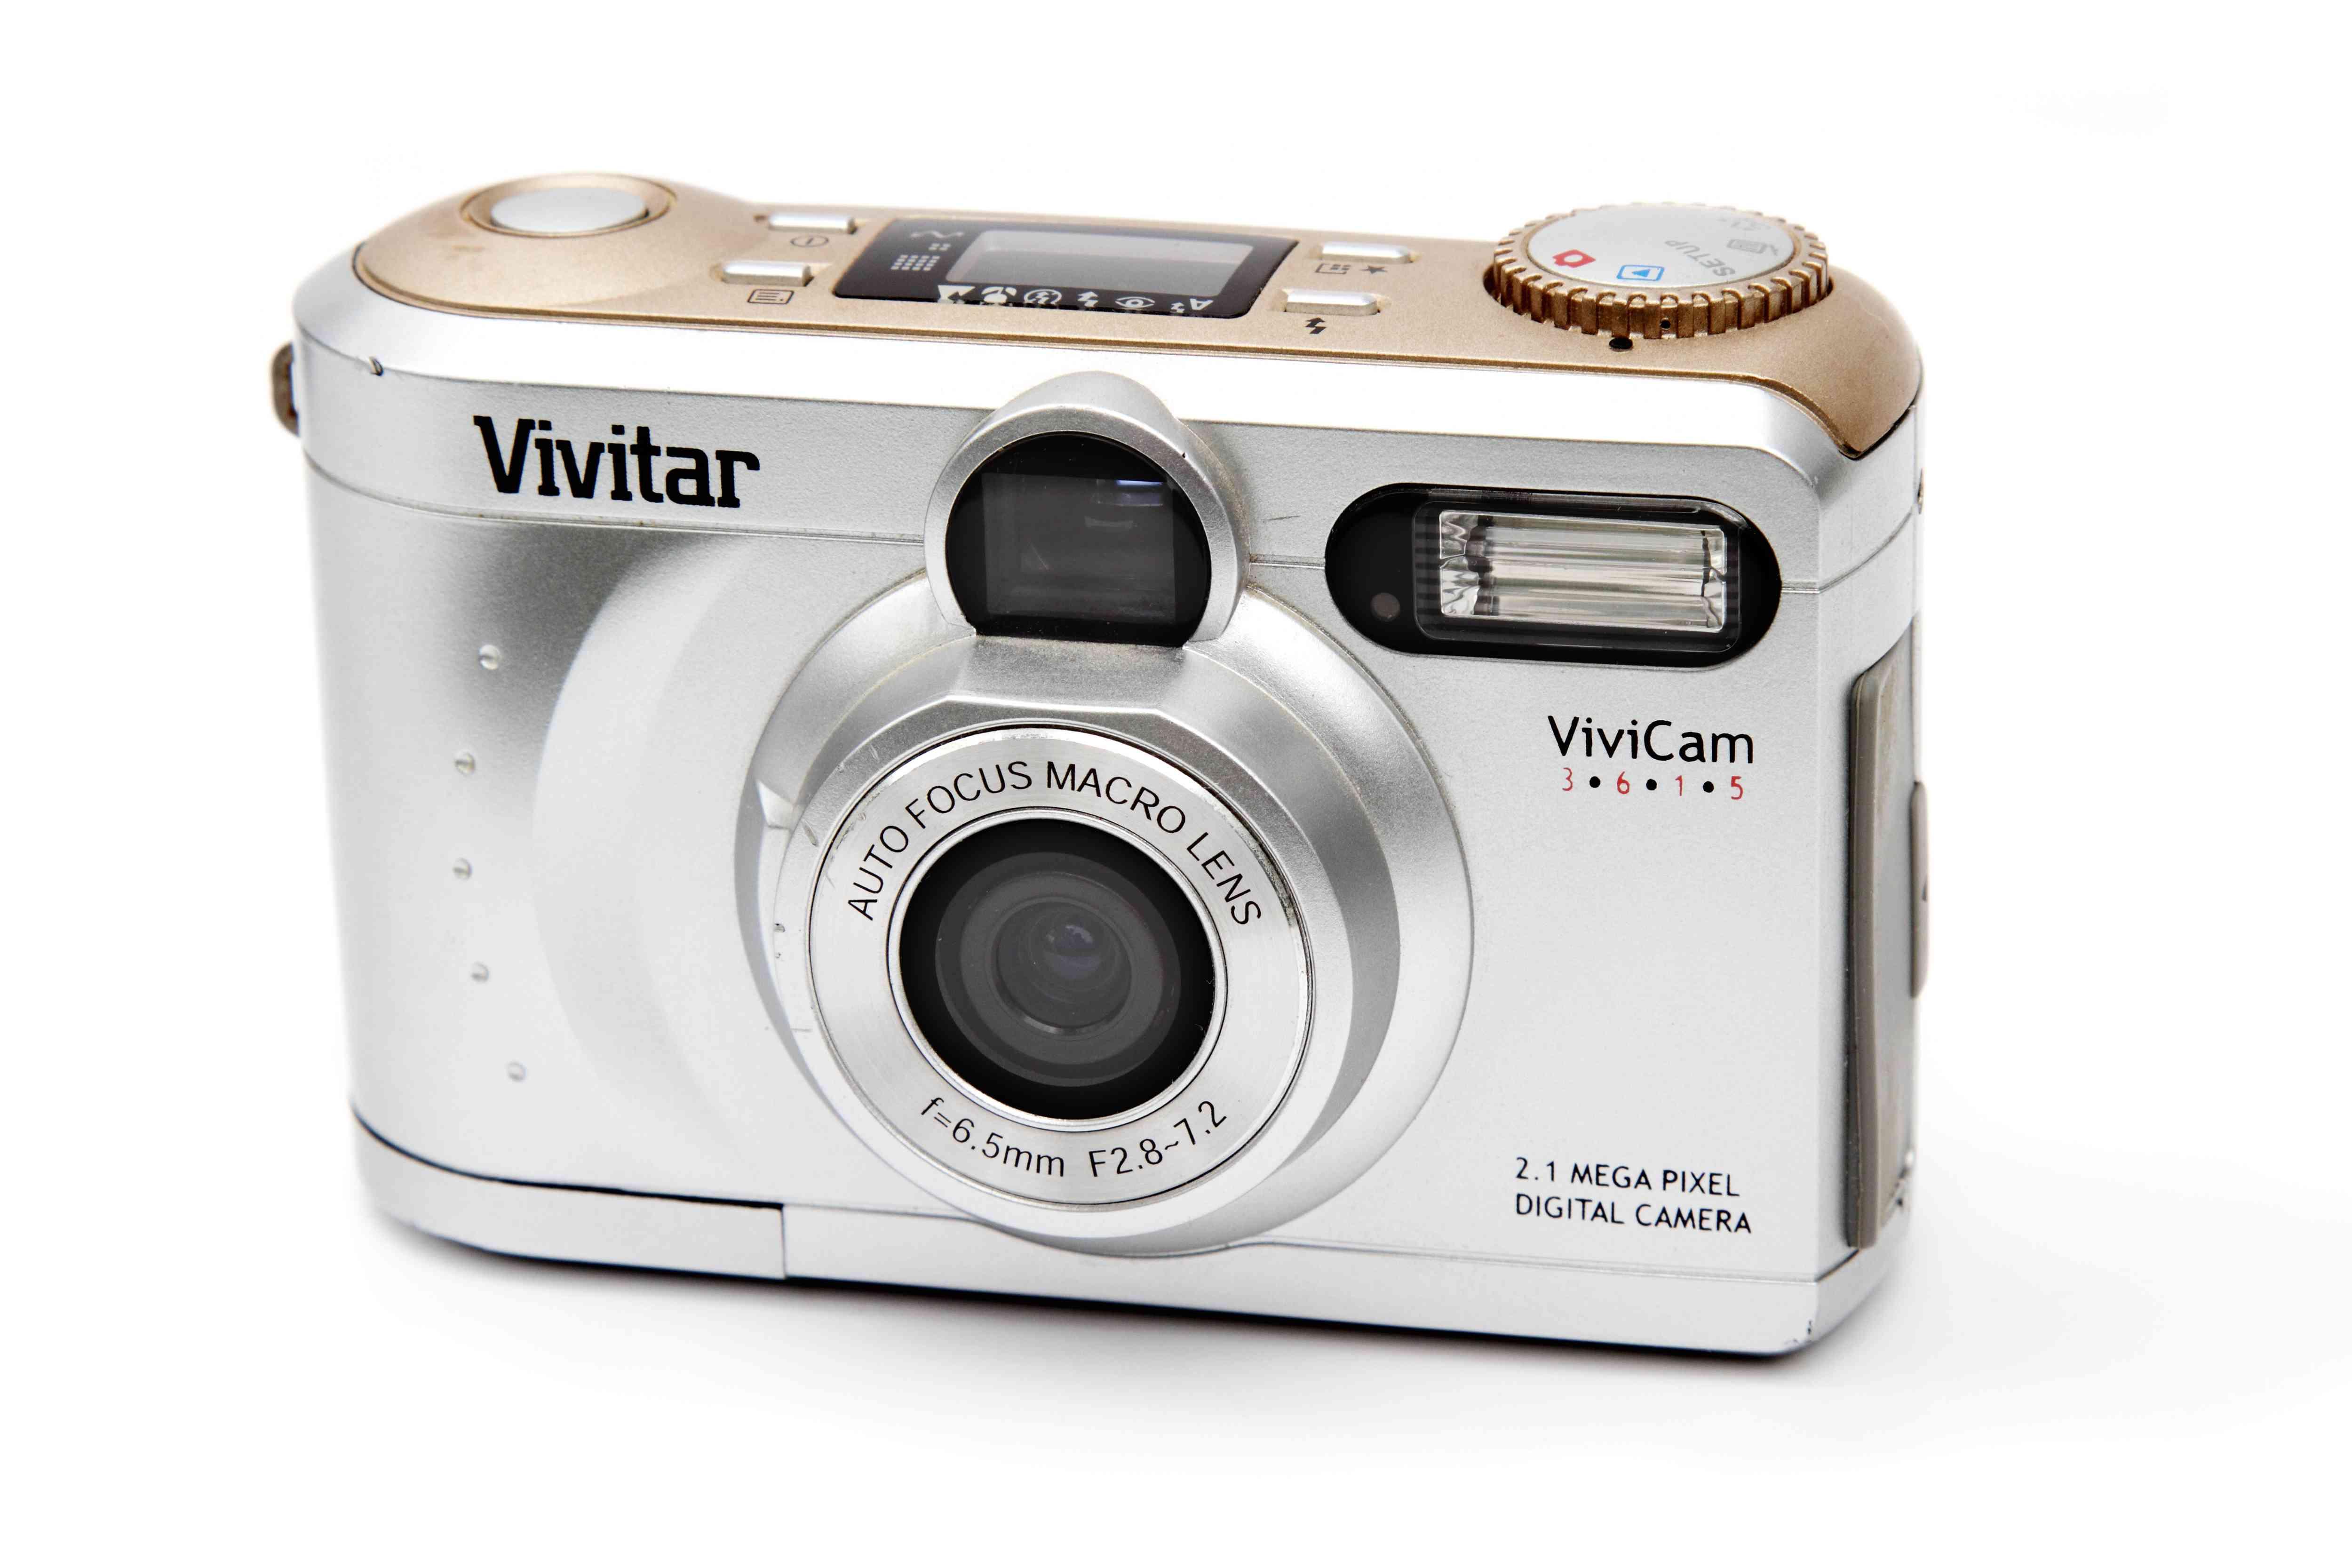 Vivitar 2.1 megapixel digital camera